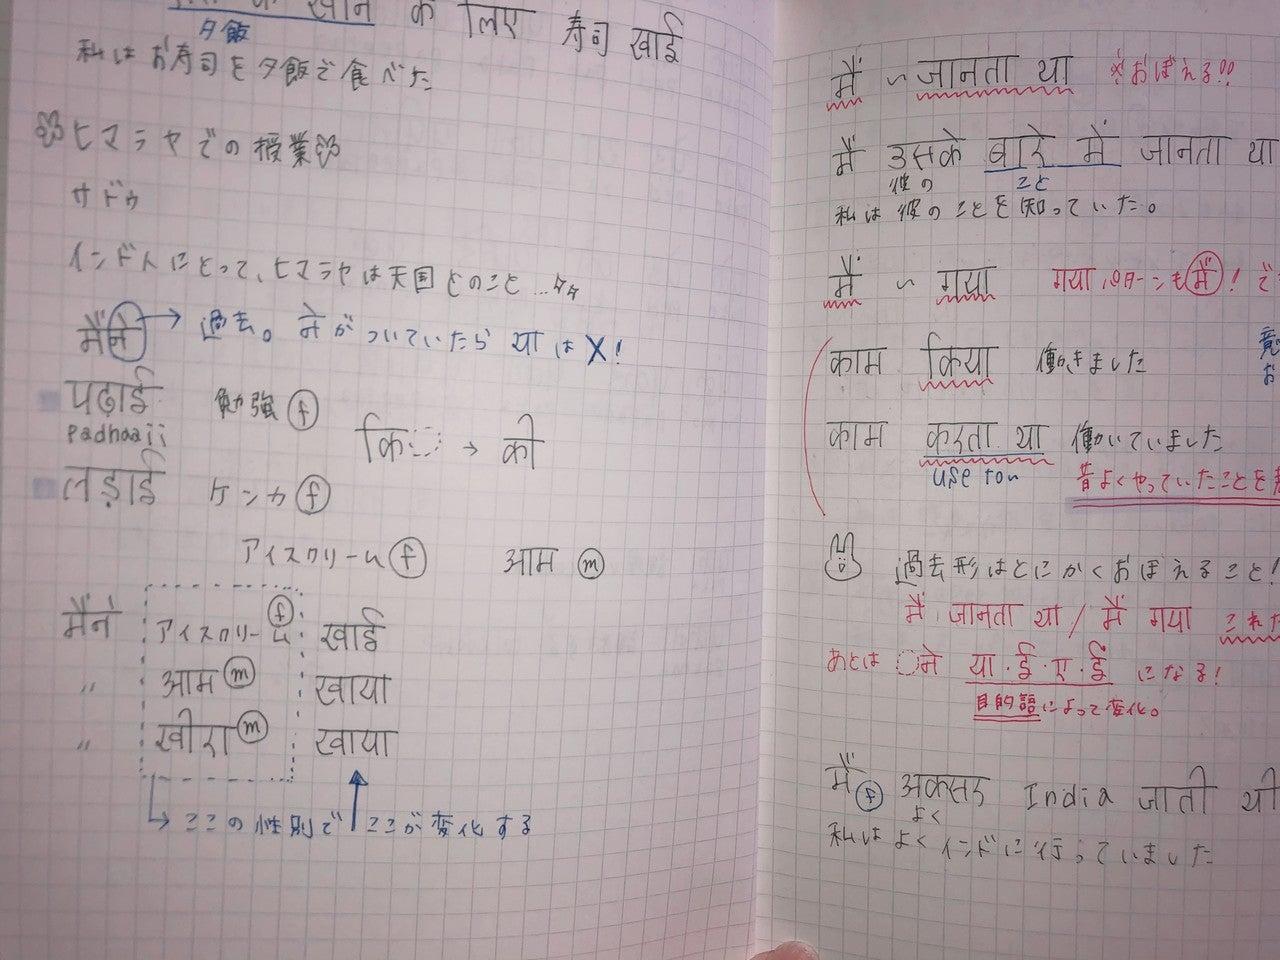 ヒンディー語ノートの中身